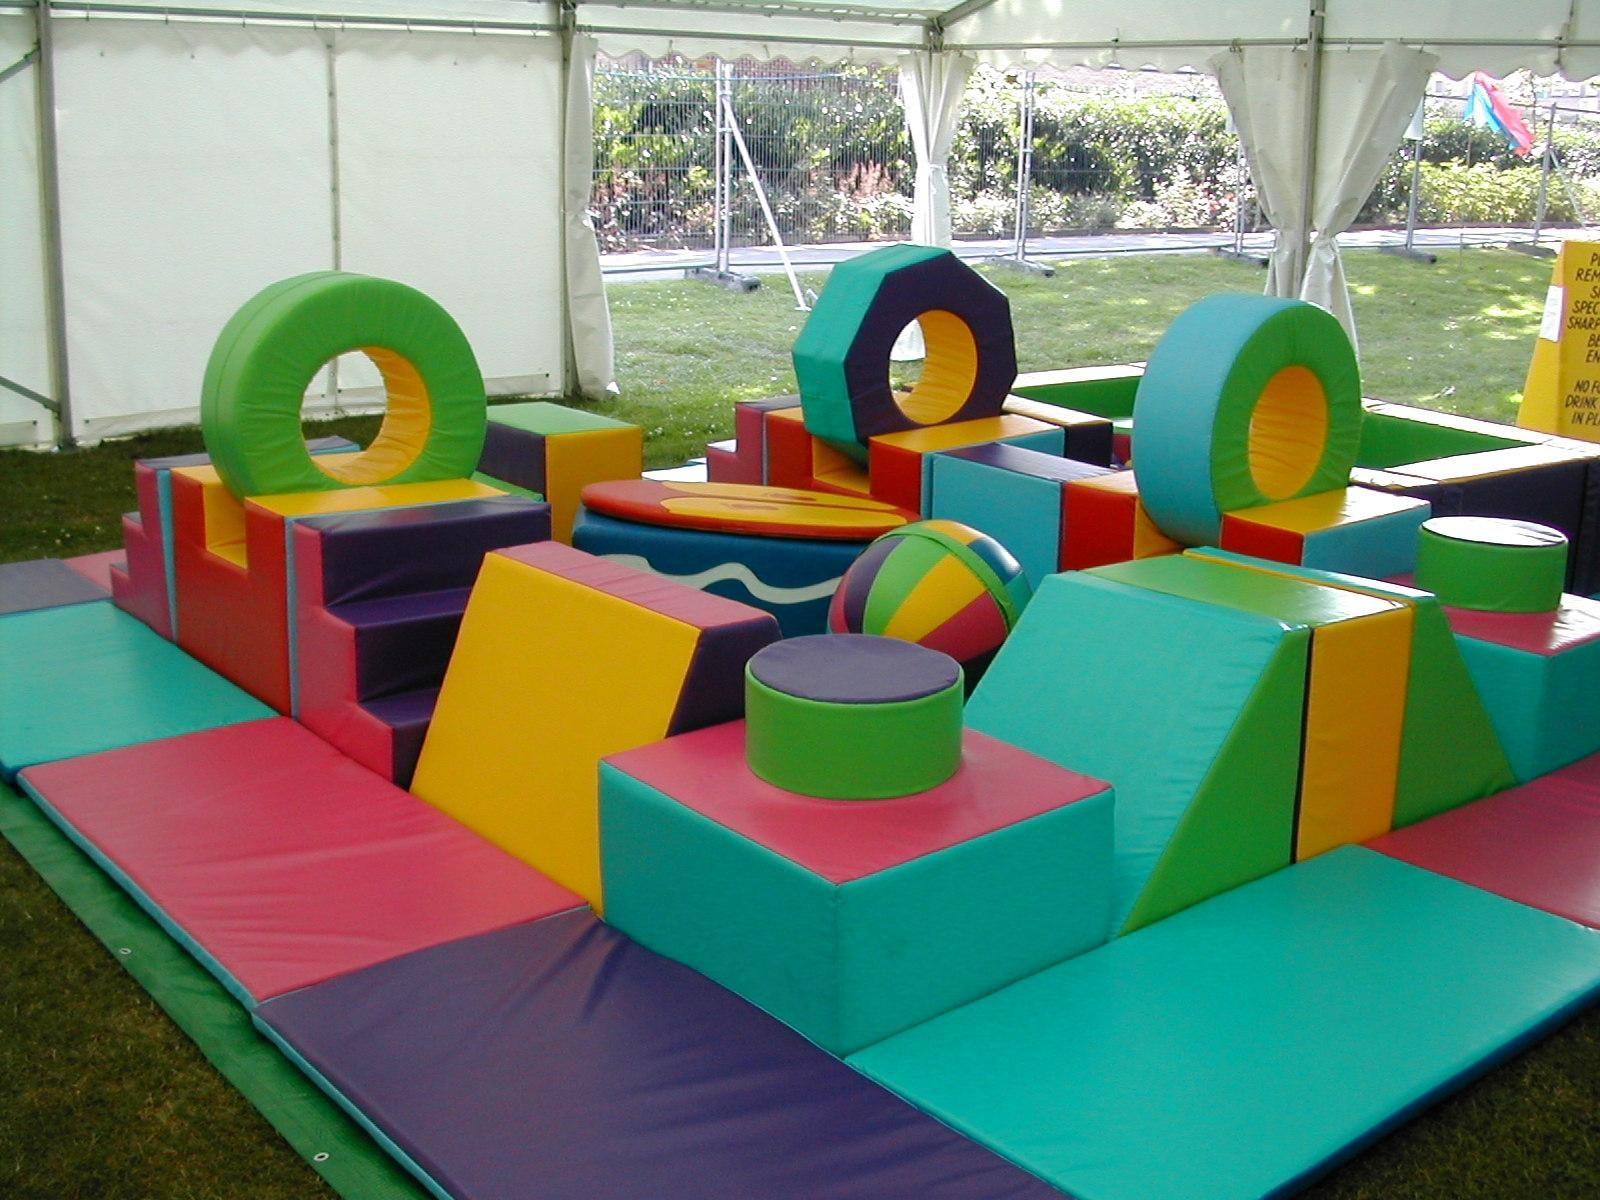 Soft block play gemeinschaftsr ume pinterest kinderzimmer kinder zimmer und kinder - Turnen kinderzimmer ...